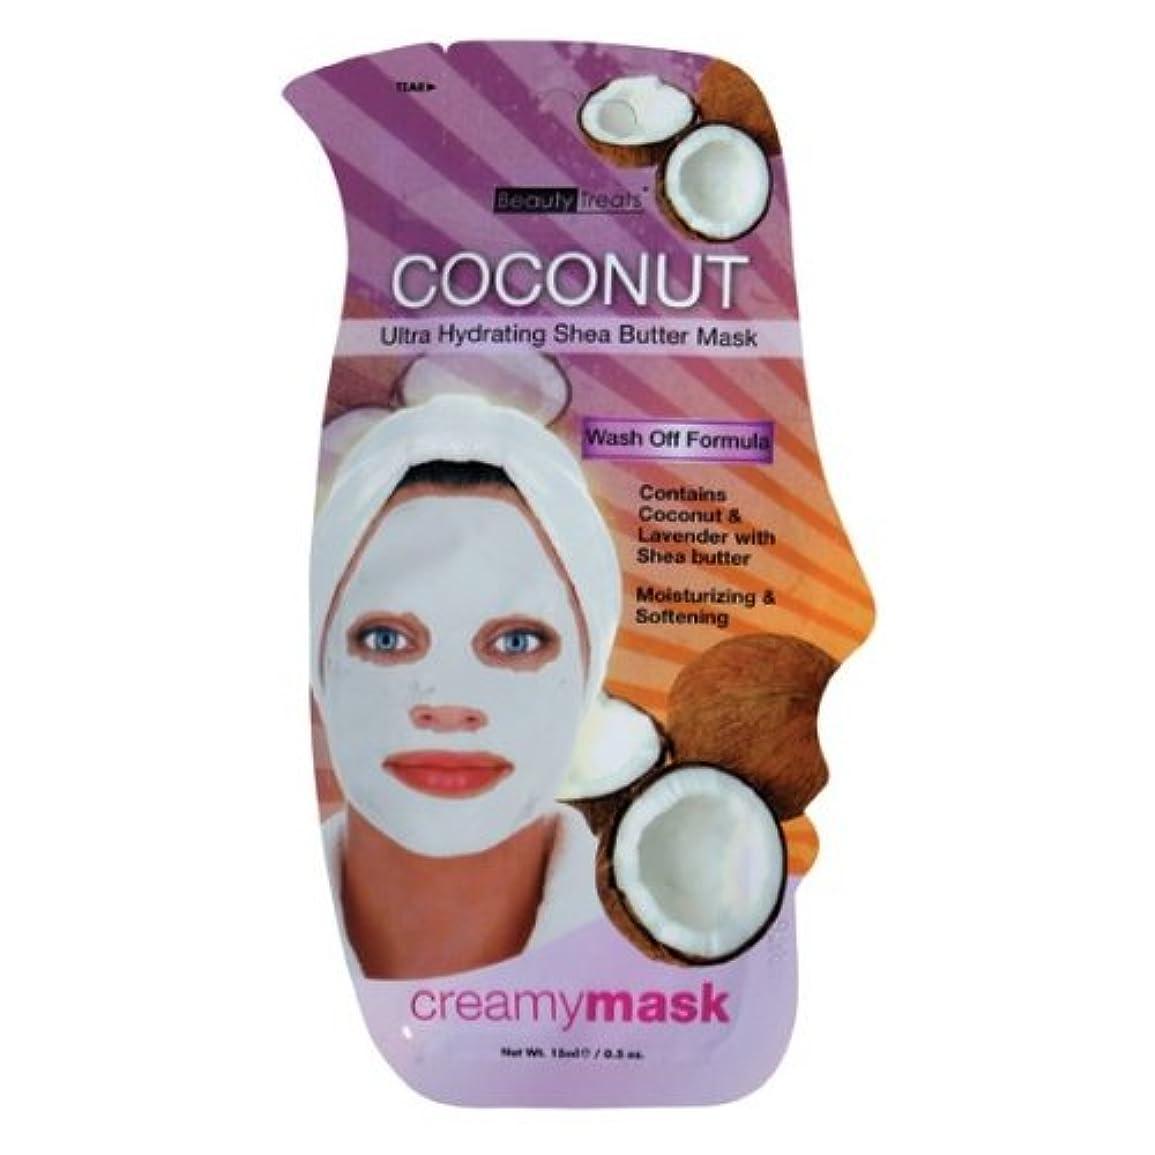 虫を数えるボタン取り壊すBEAUTY TREATS Coconut Ultra Hydrating Shea Butter Mask - Coconut (並行輸入品)